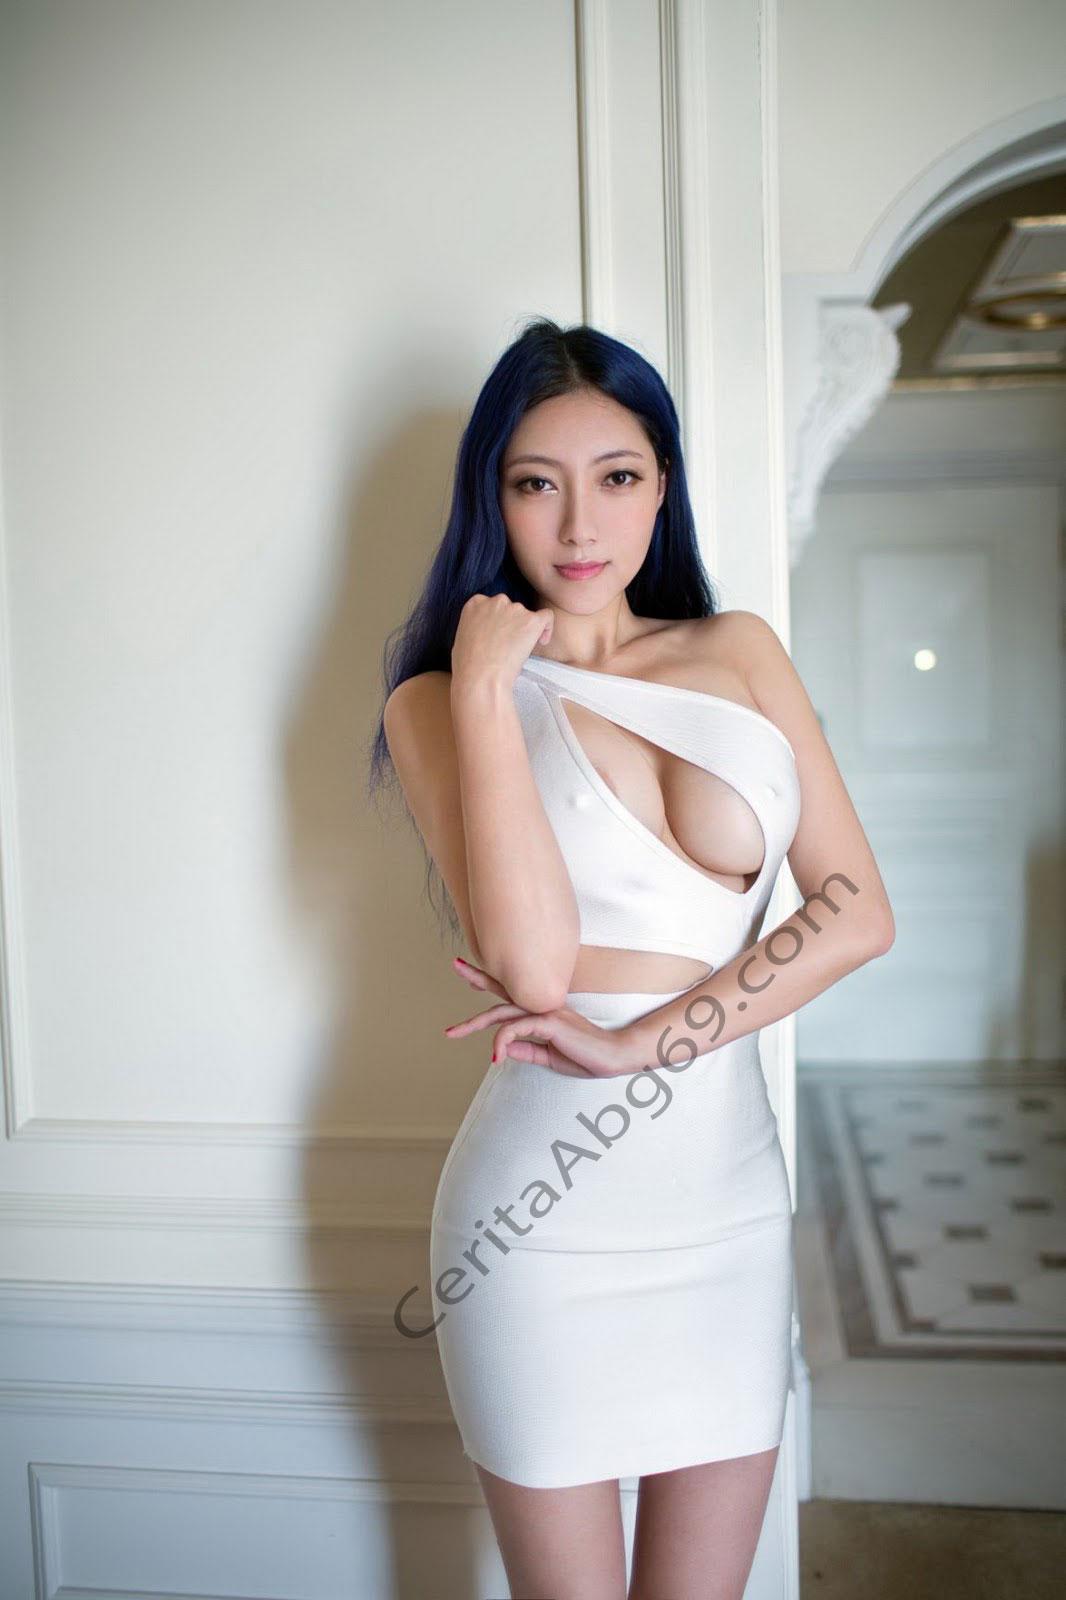 Foto Bugil | Model Seksi Telanjang BerPose DiDepan kamera